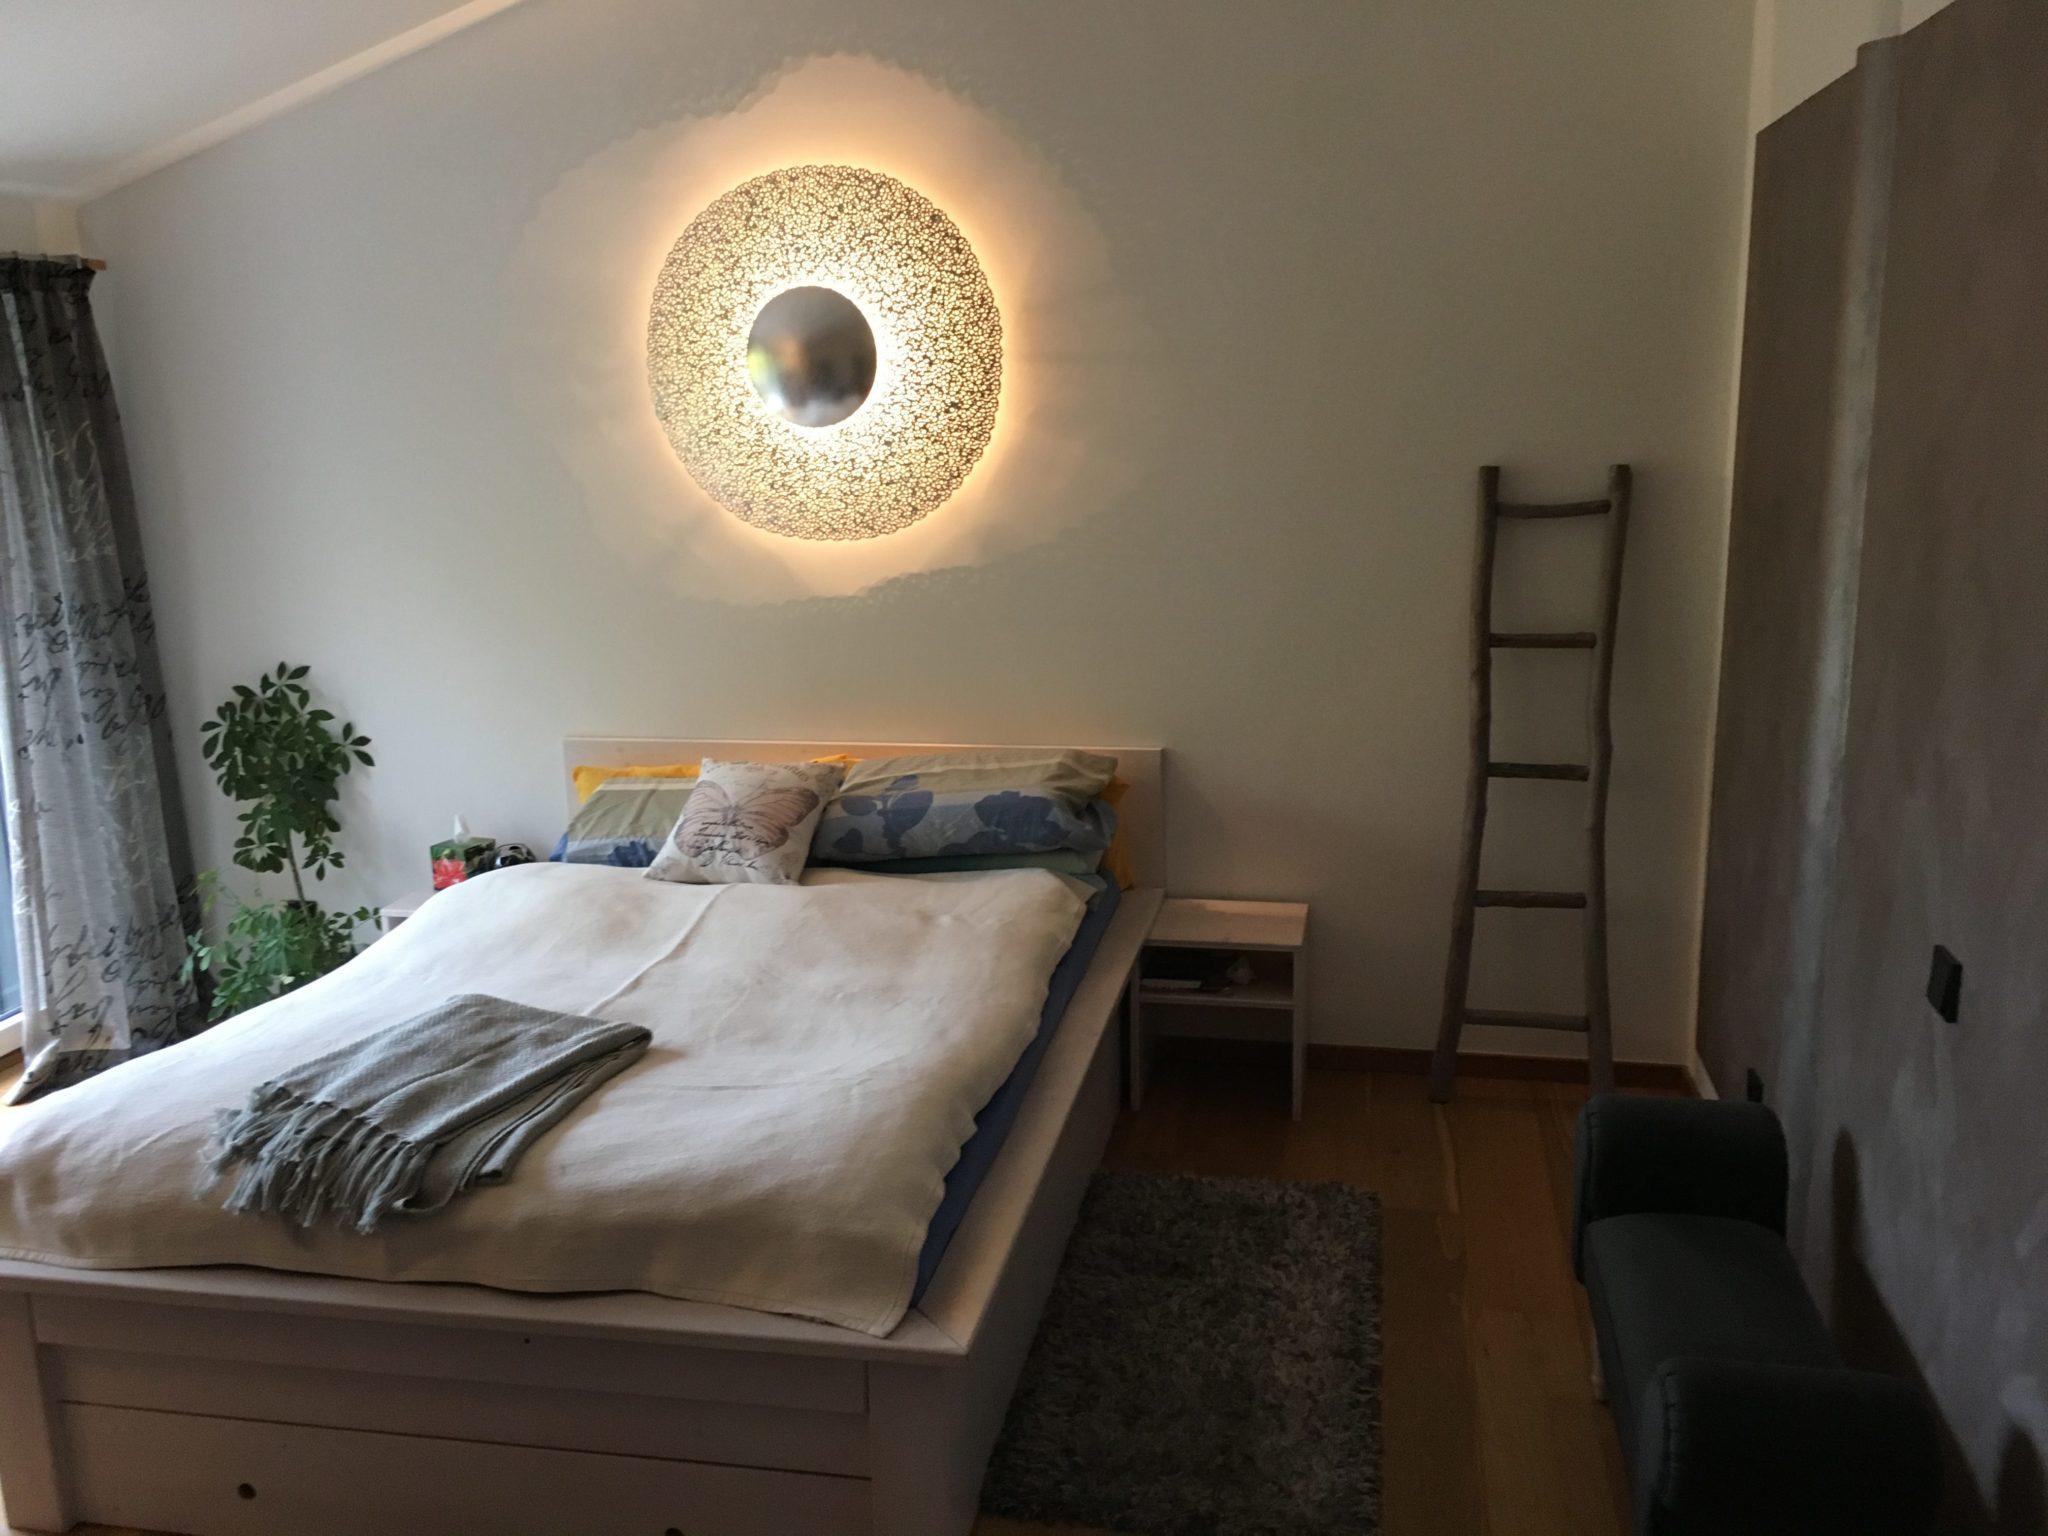 schlafzimmer renovieren top ergebnis mit wenig. Black Bedroom Furniture Sets. Home Design Ideas